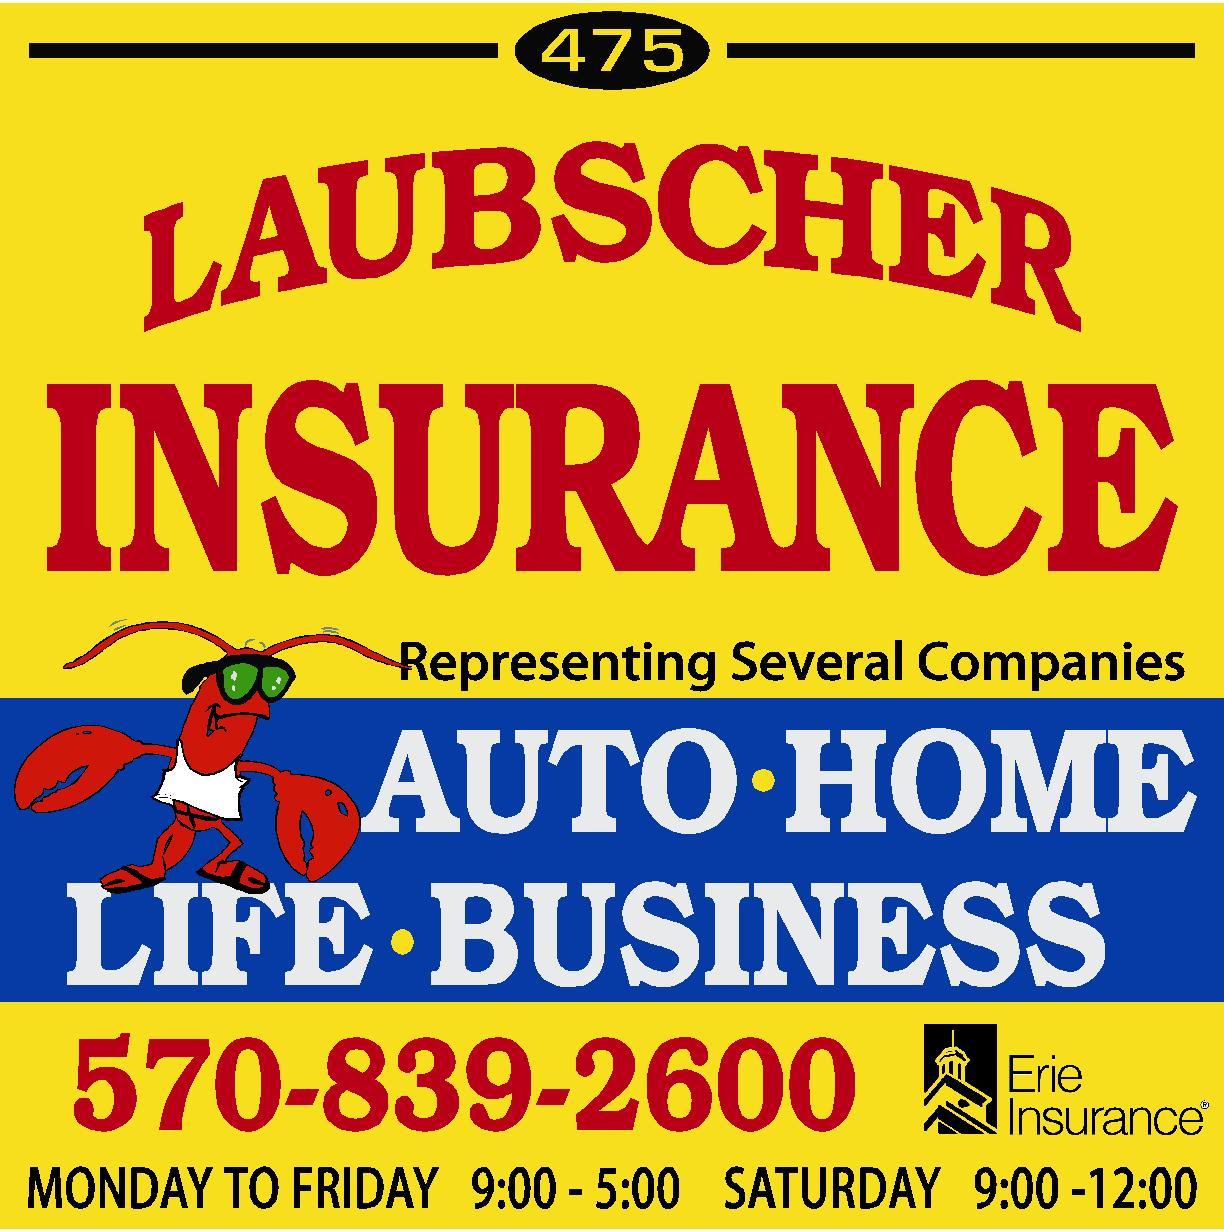 Robert A. Laubscher Insurance Agency image 0